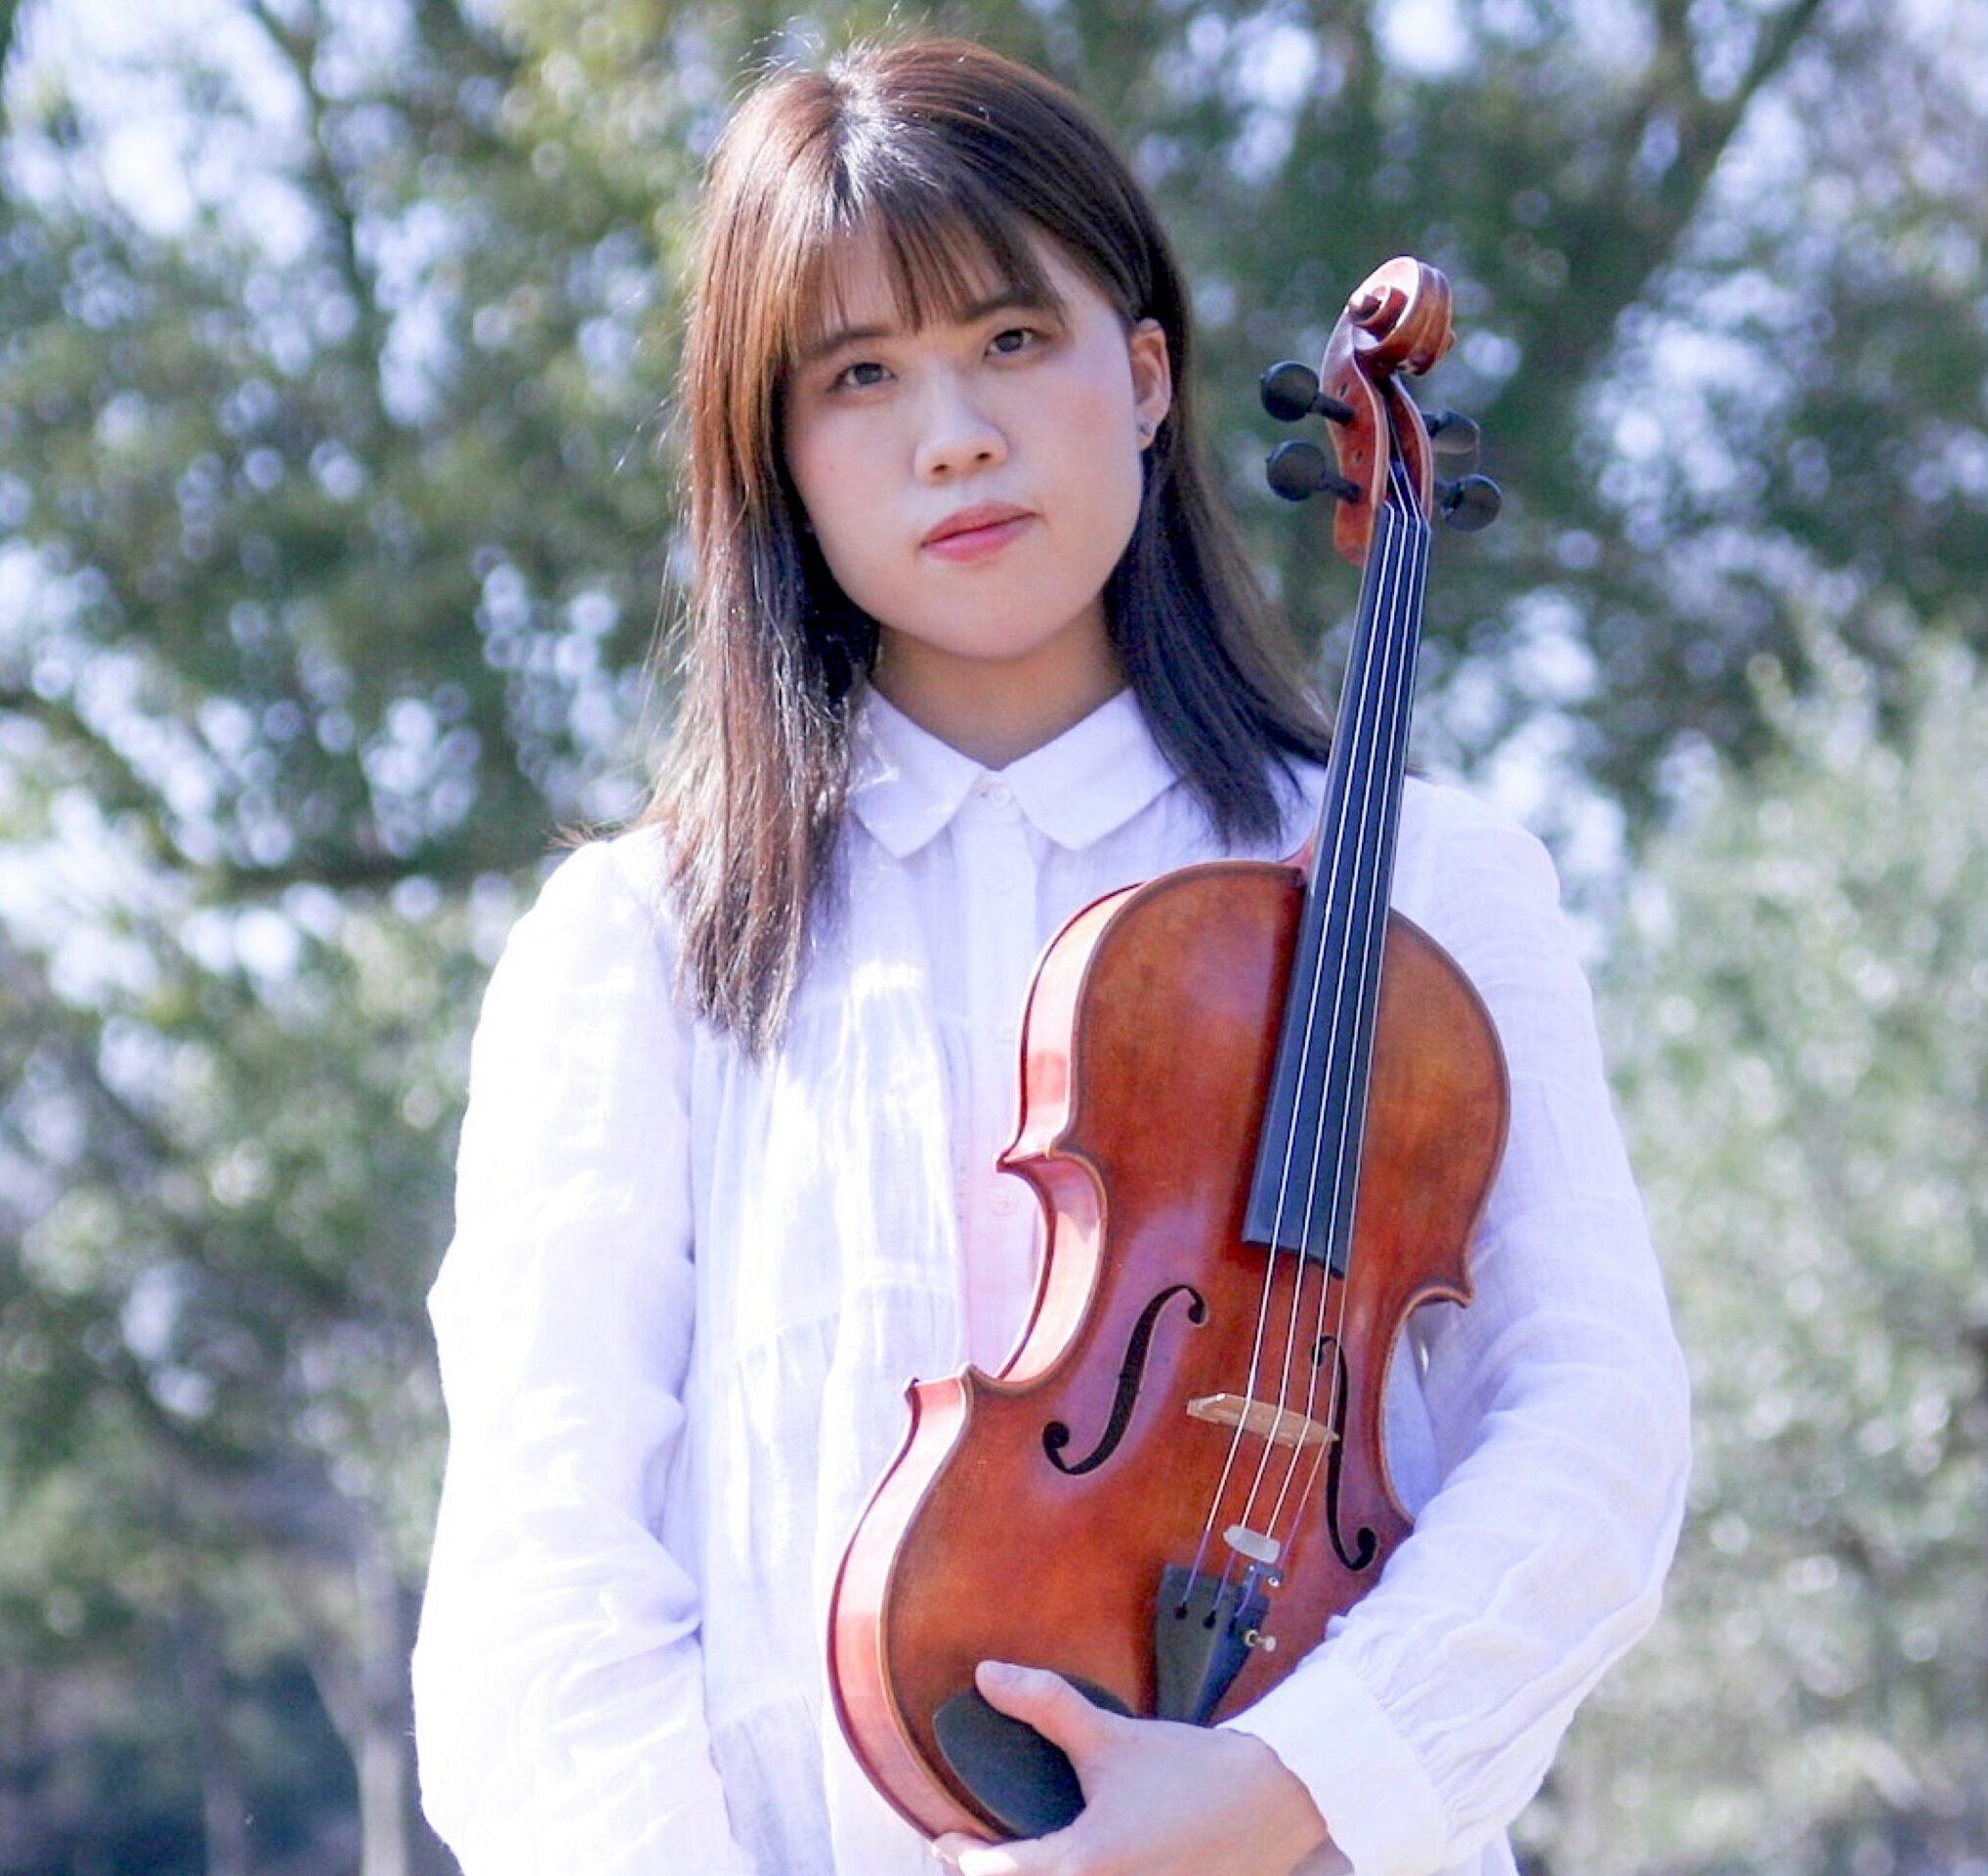 カサメミュージックスクールヴィオラ科講師、志村恵梨子先生の写真